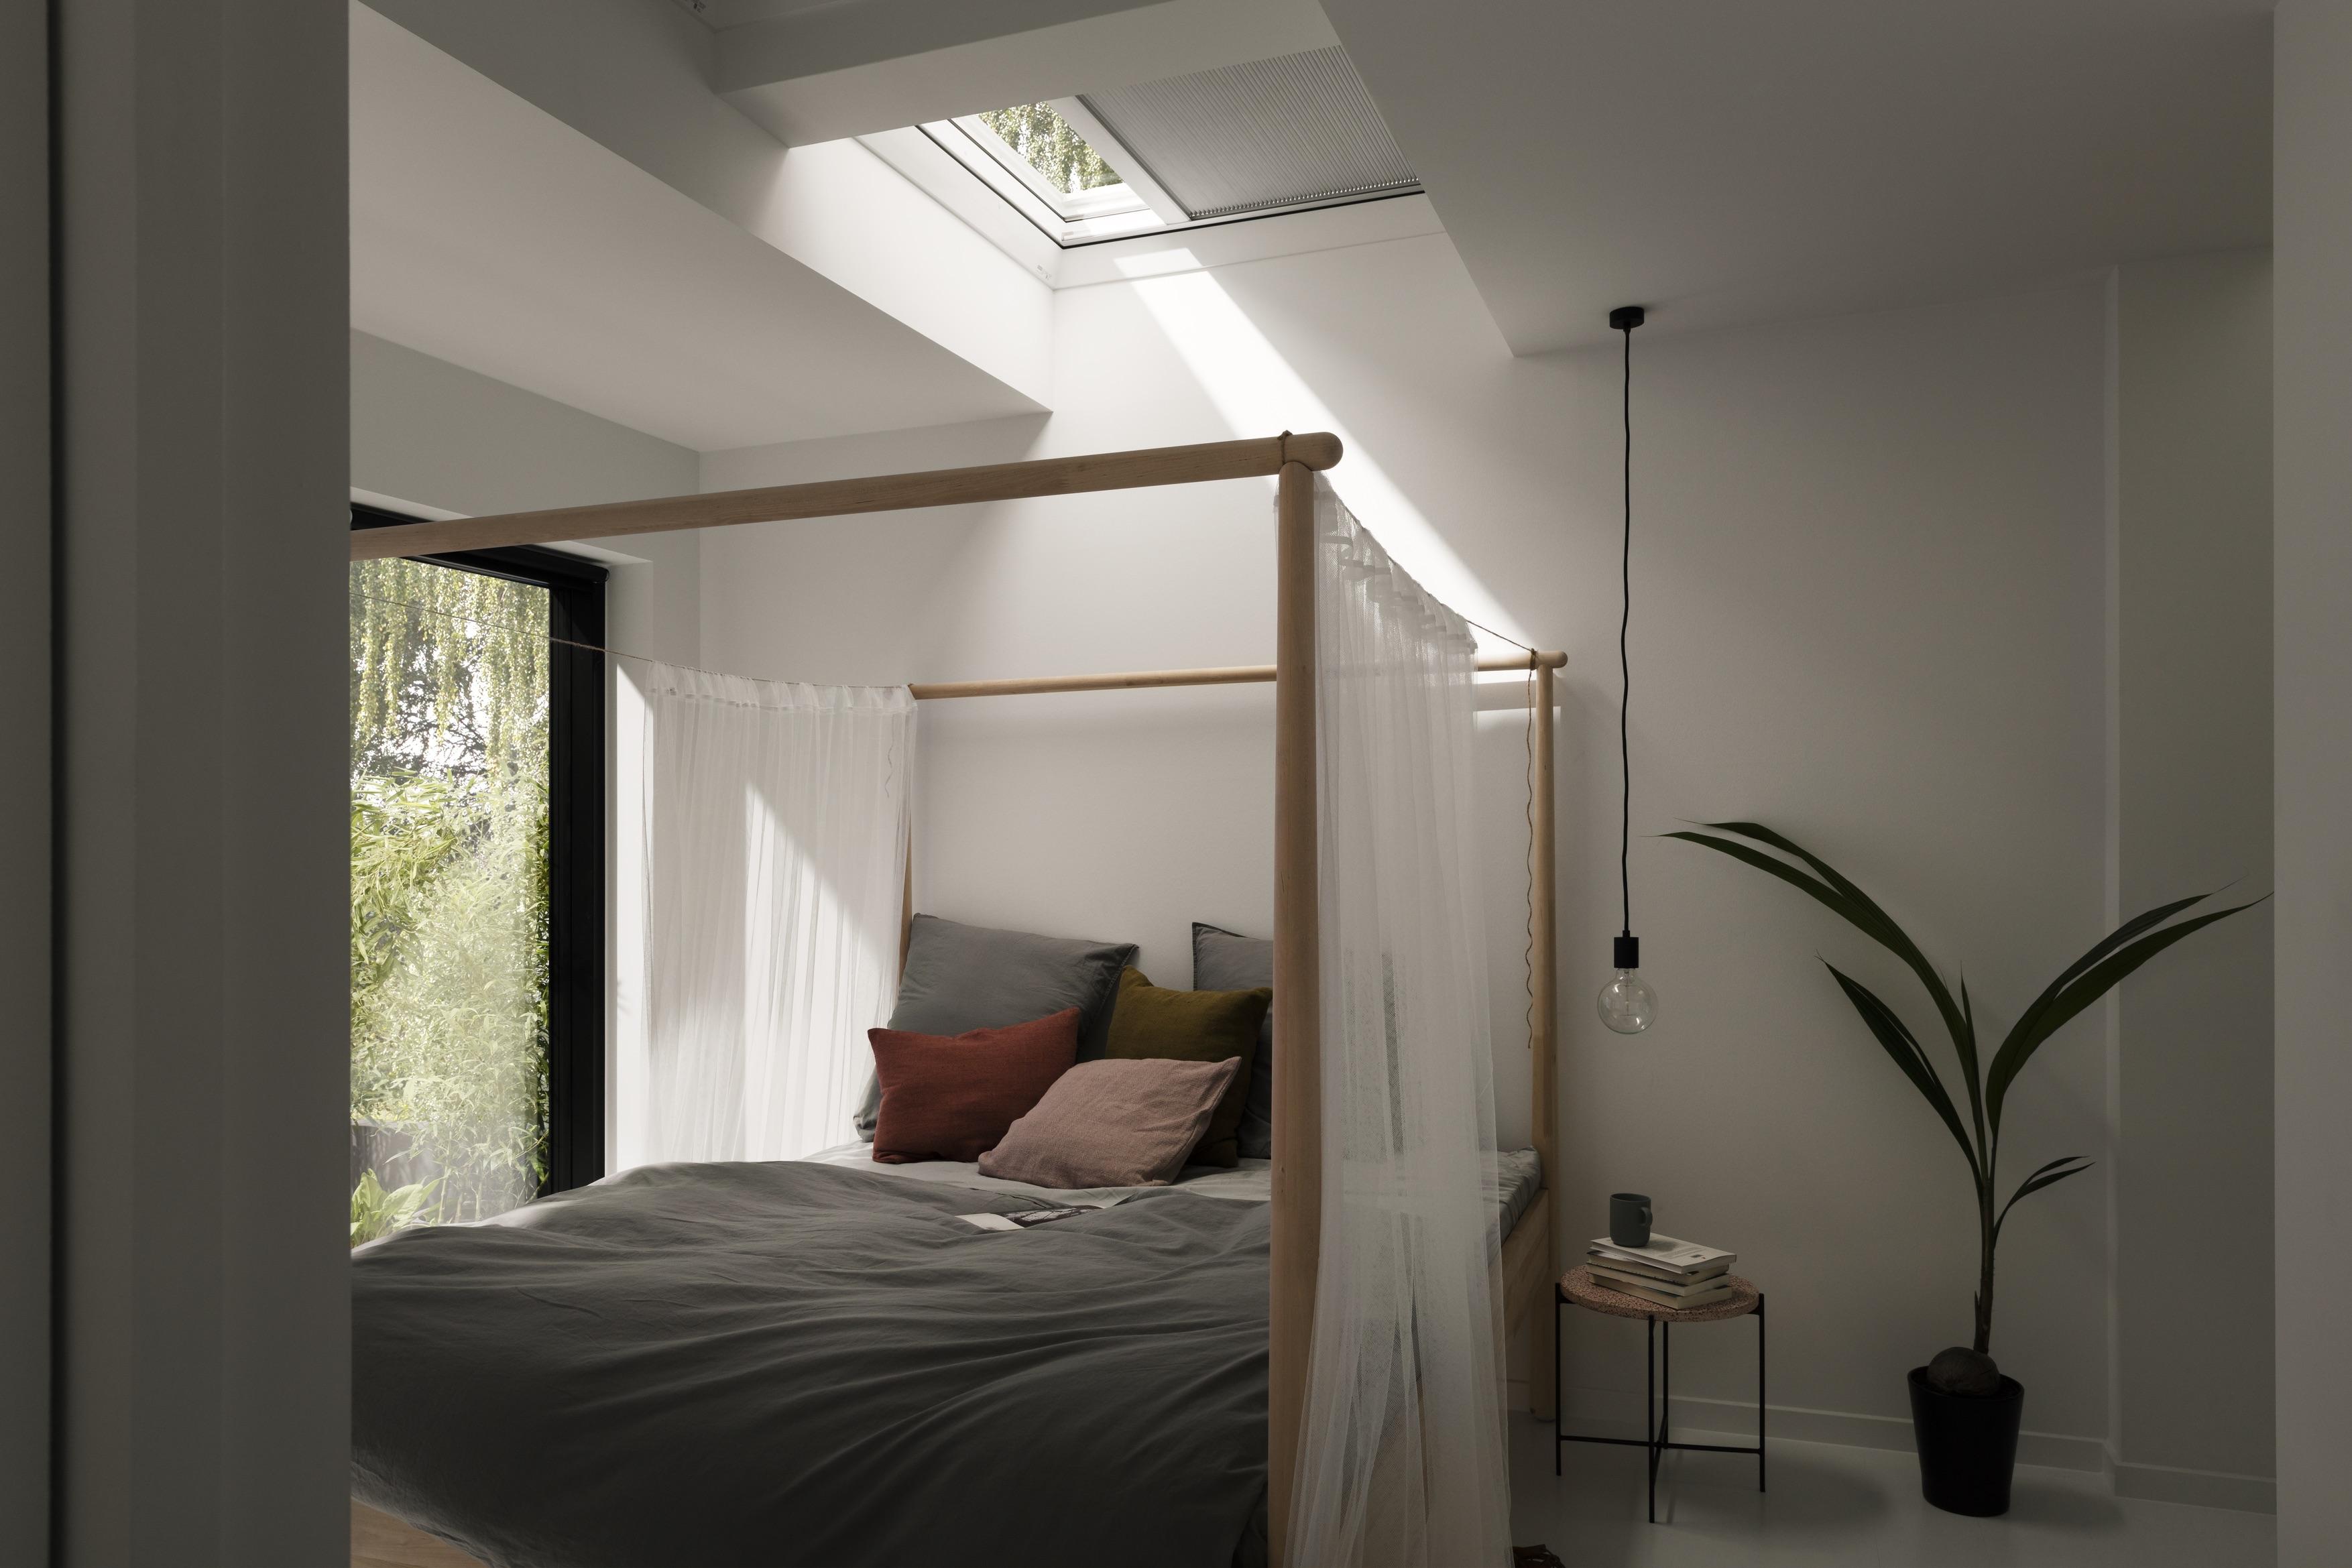 Come scegliere una finestra per tetti piani - Quanto costa una finestra velux ...